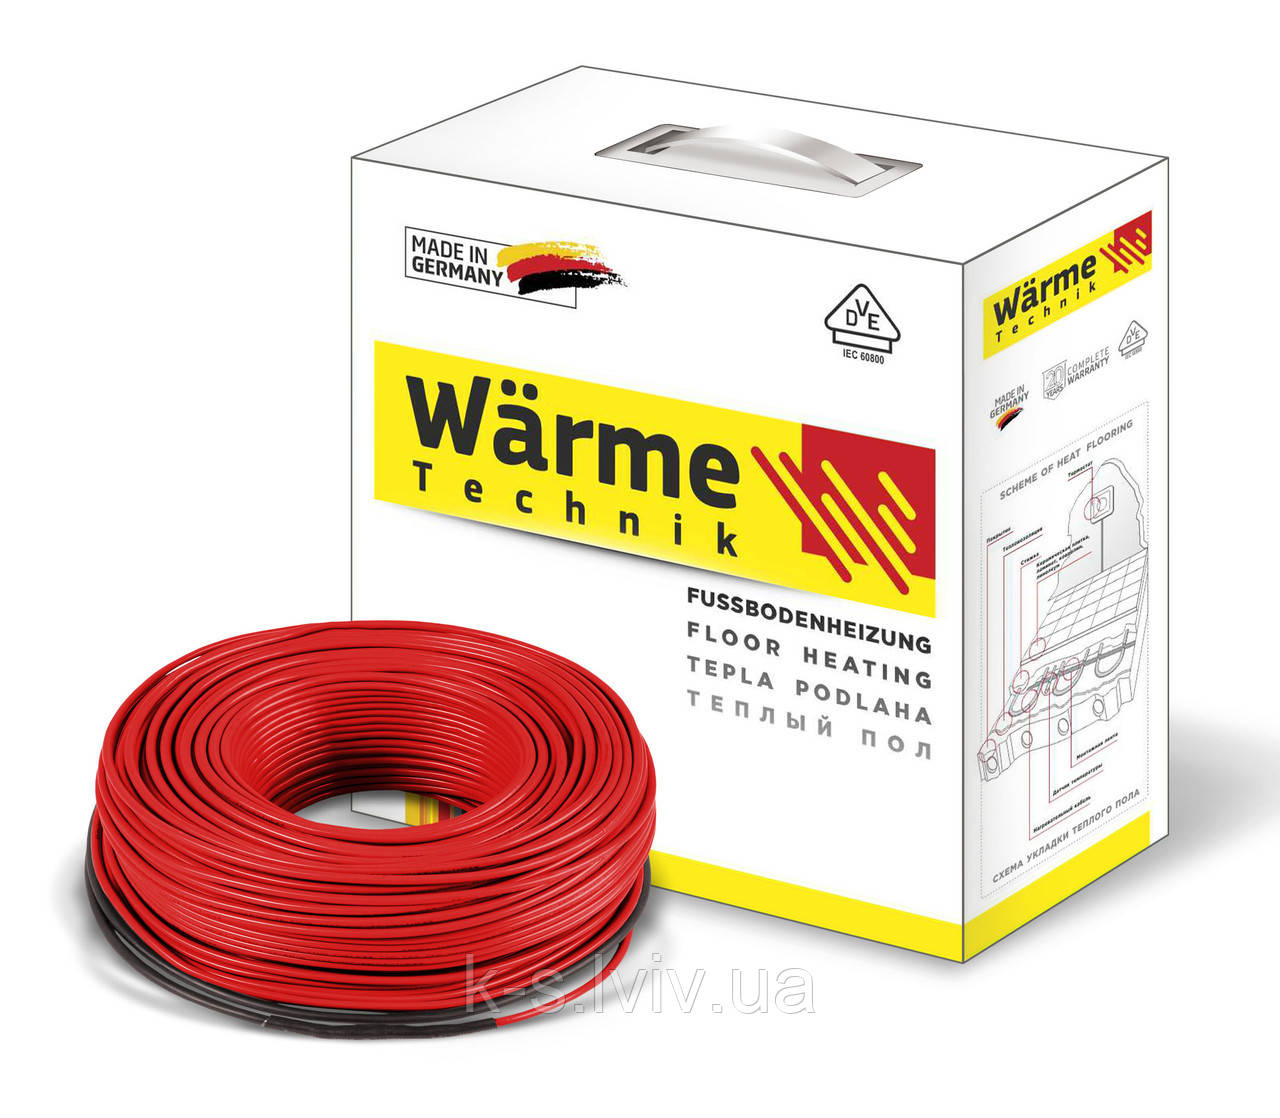 Двожильний нагрівальний кабель Варм (Wärme) Twin cable - 450W/18 Вт (площа обігріву 2,5-3,8м²)